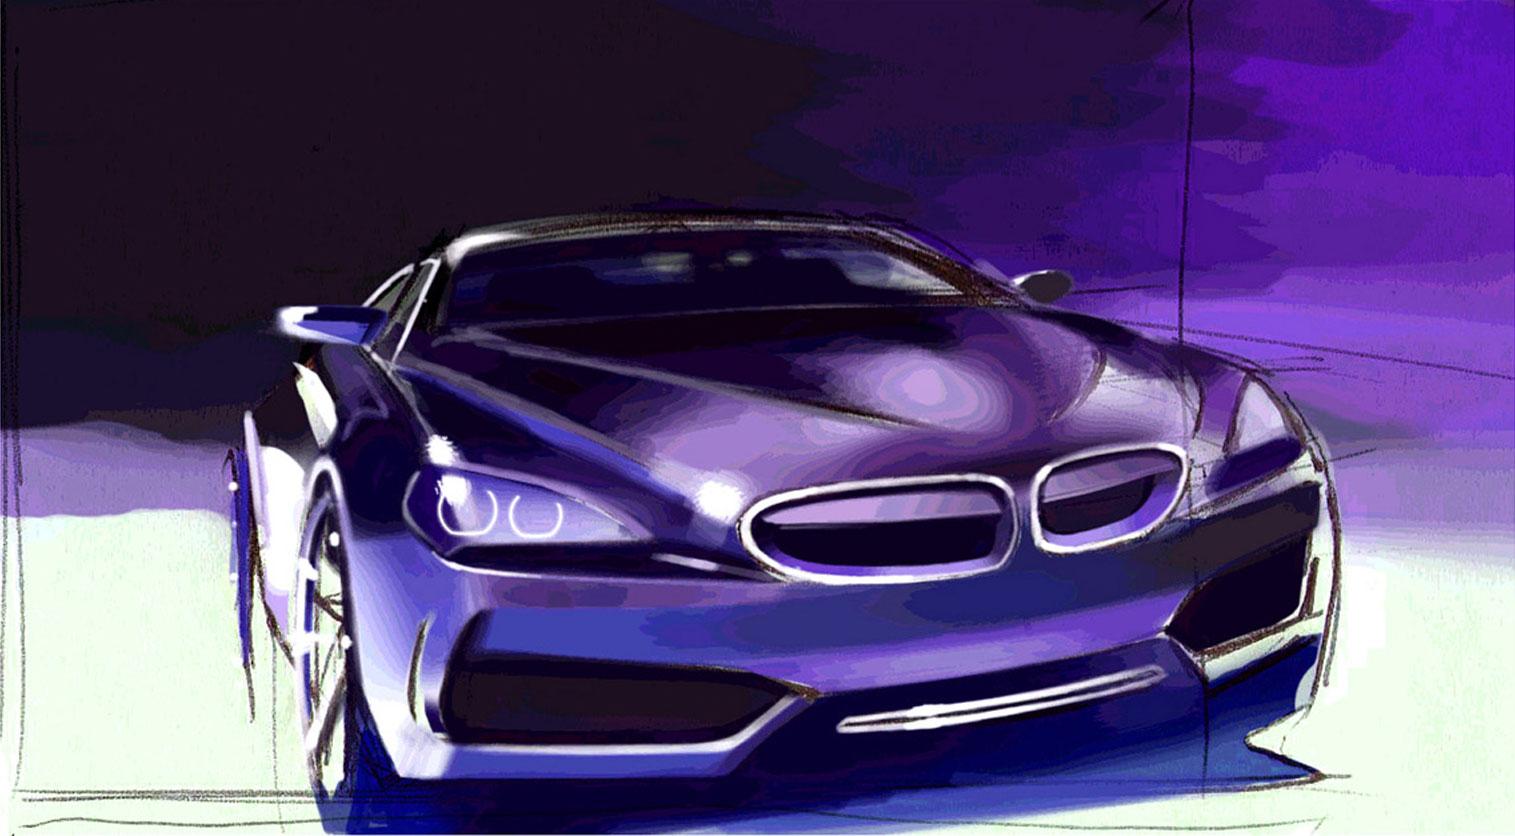 BMW Concept Gran Coupé: design images - Page 13 - Car Body Design